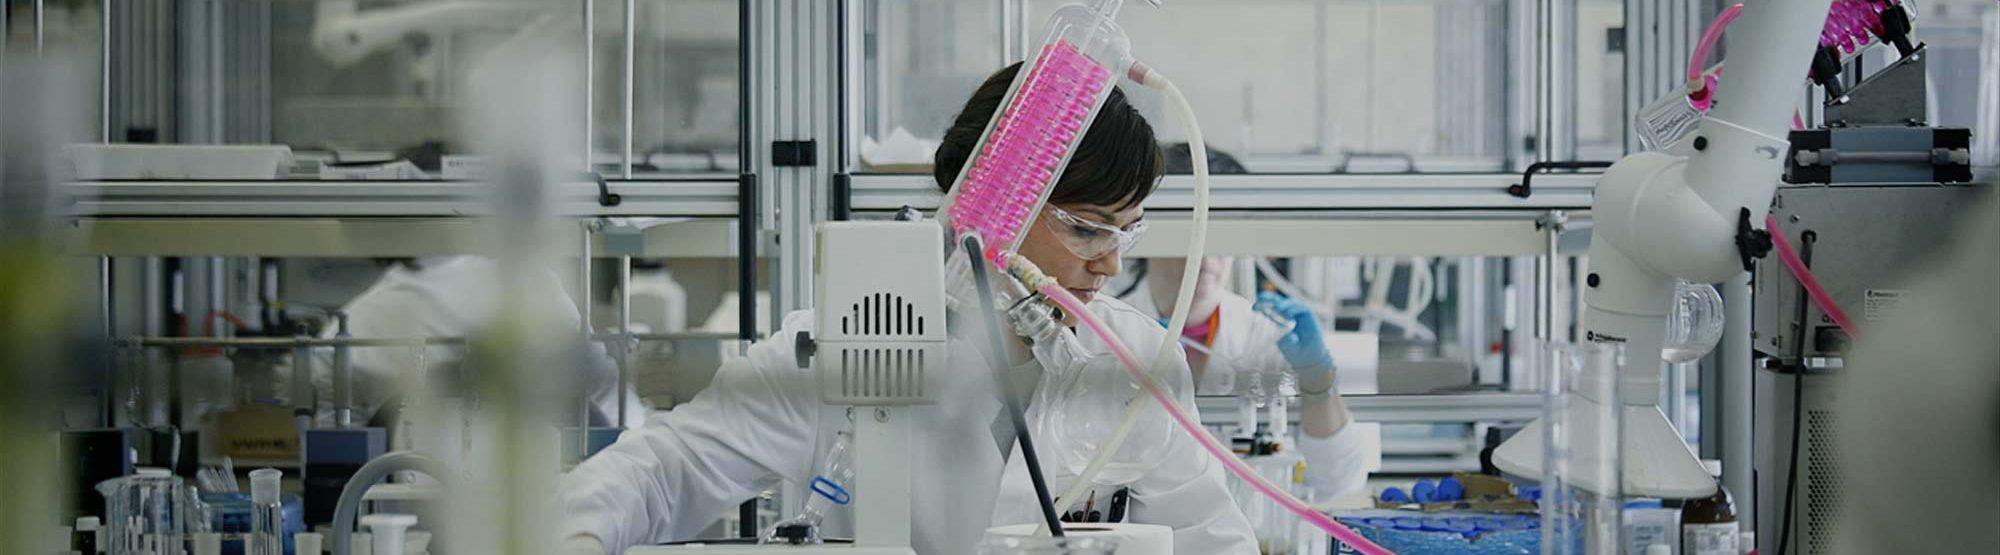 Servicios analíticos. Fisico-química, microbiología